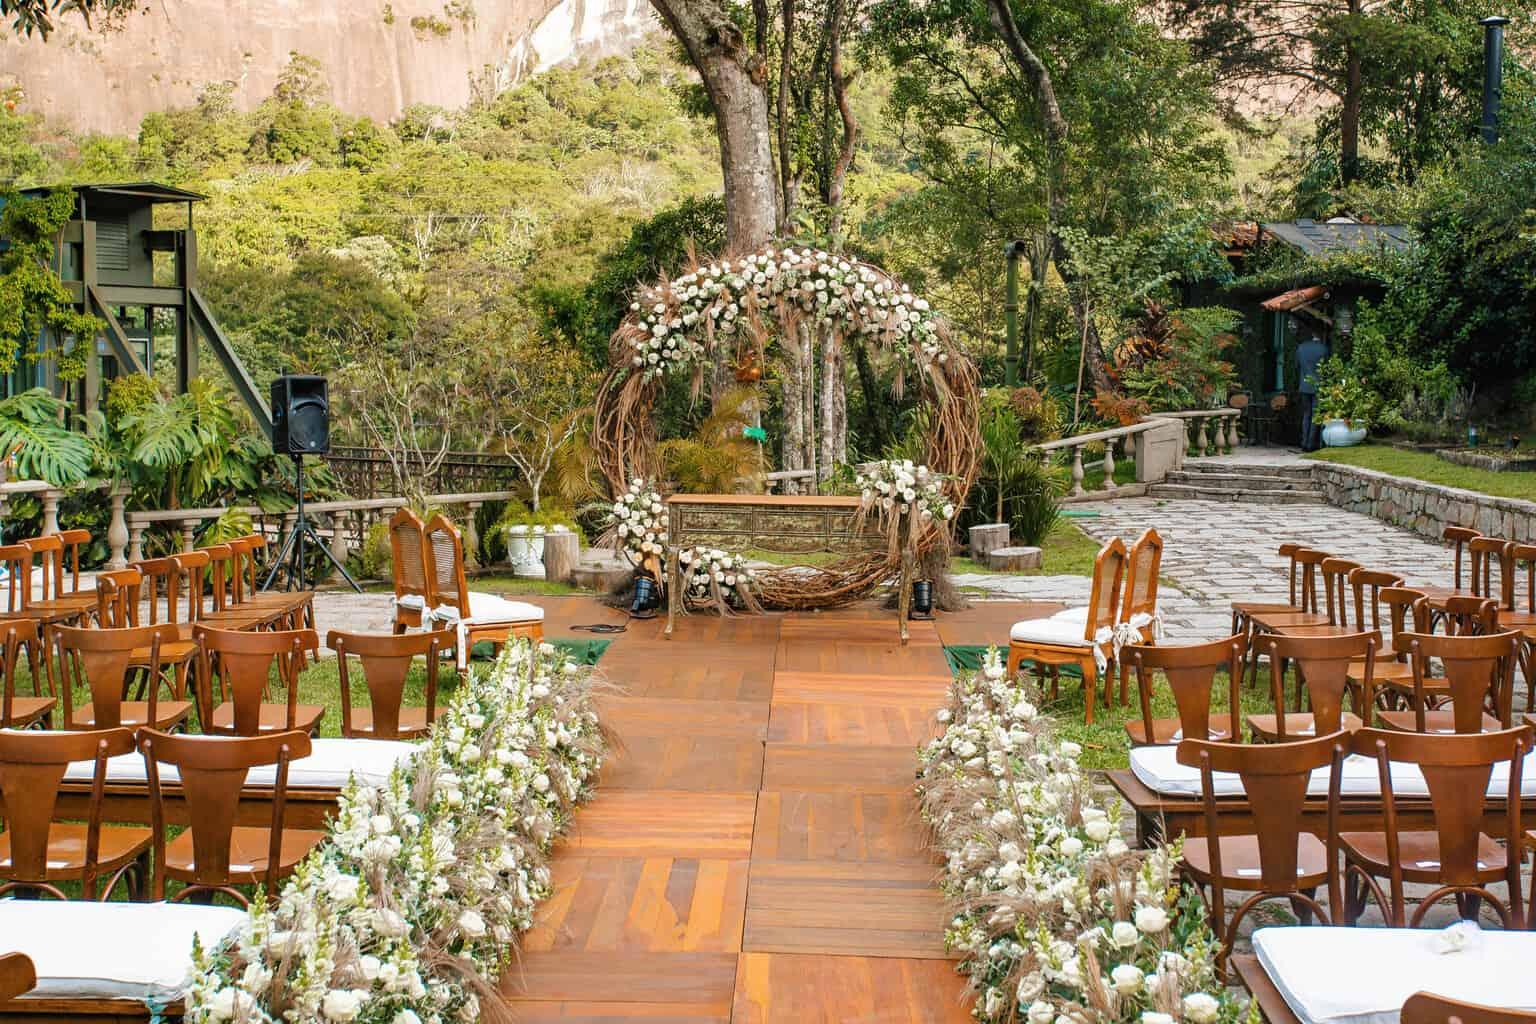 casamento-Beatriz-e-Joao-Fernando-decoracao-da-cerimonia-Itaipava-Locanda-Della-Mimosa-Thienny-Tammis63